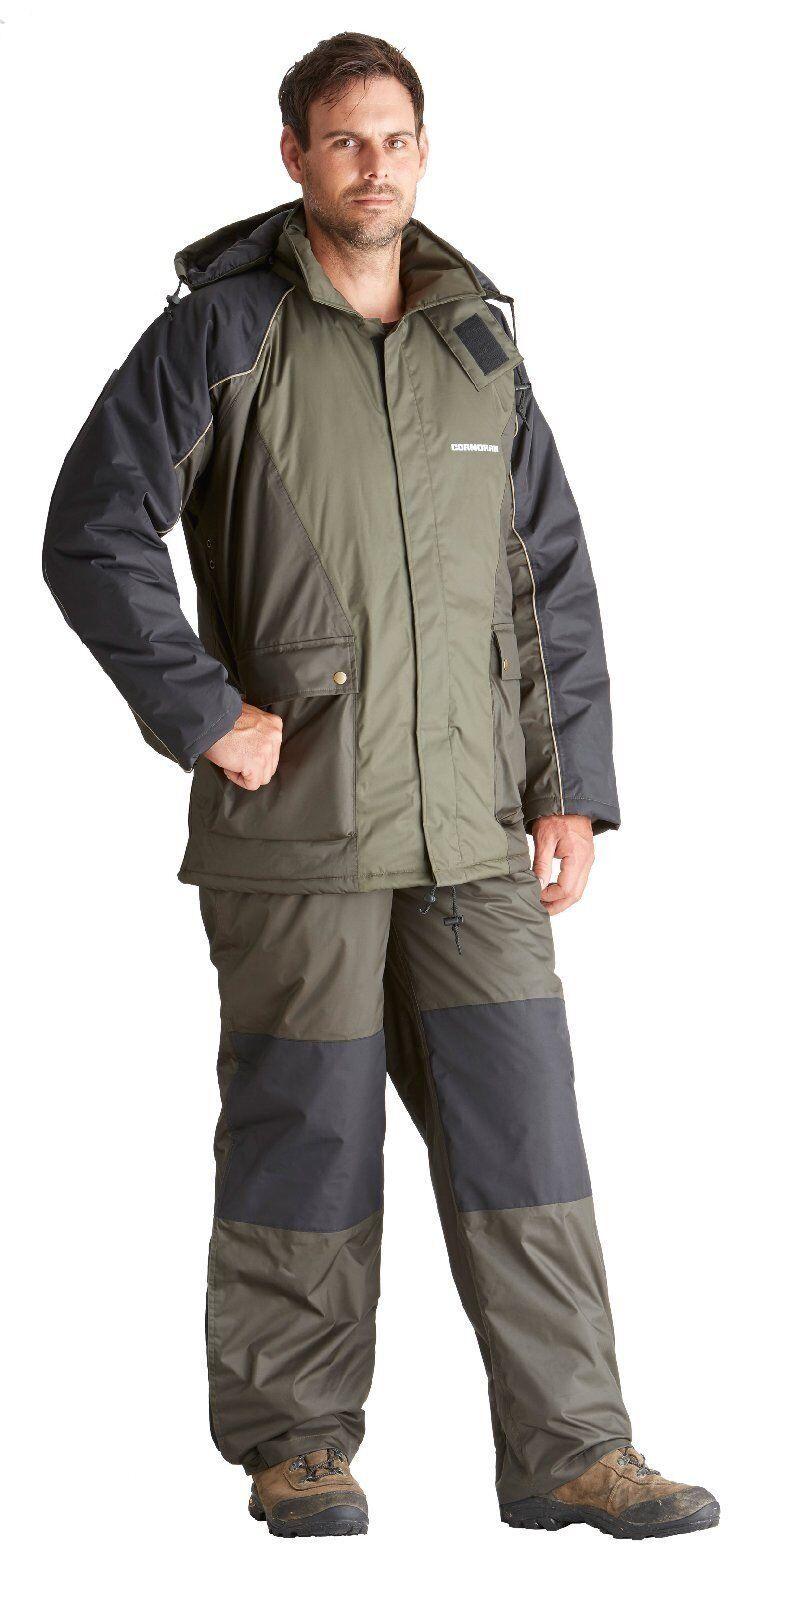 Cormoran Astro-Thermo Anzug Modell 9105, zweiteilig, 100% wasserdicht